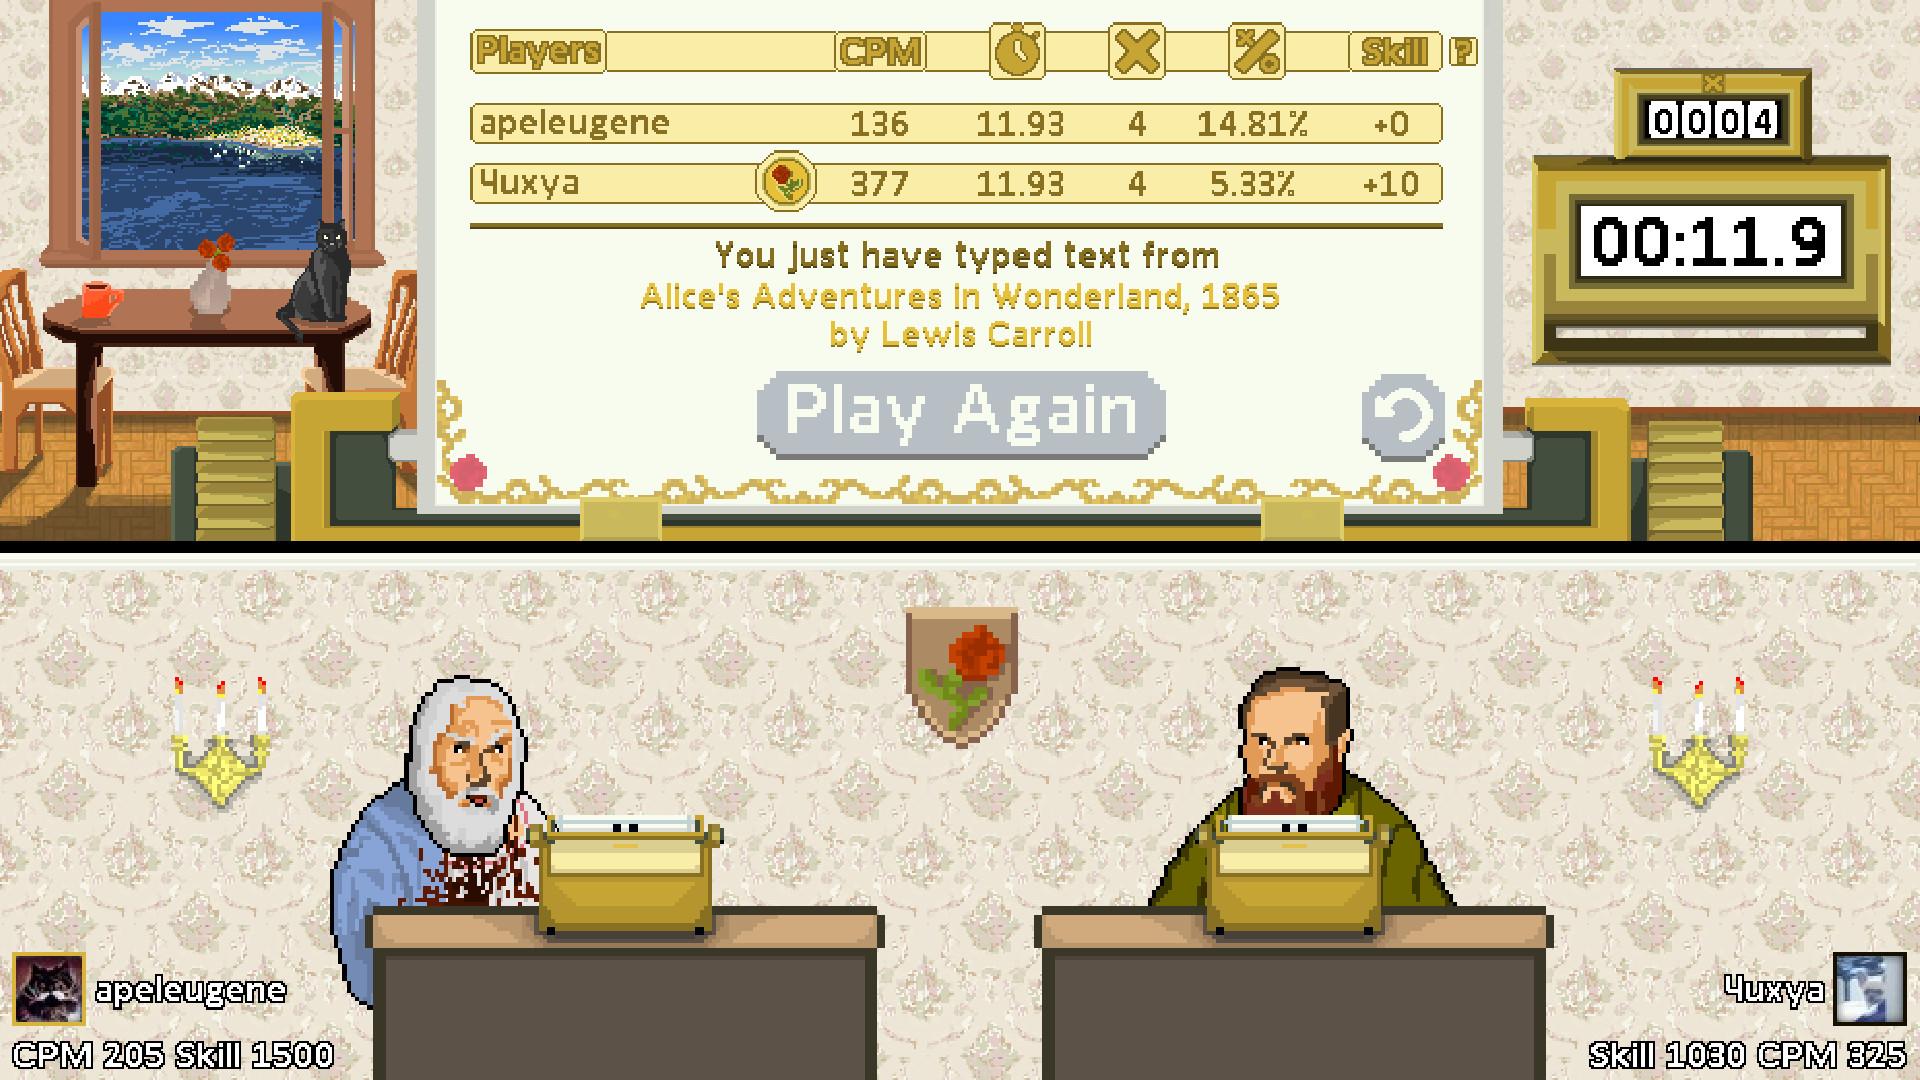 com.steam.649990-screenshot